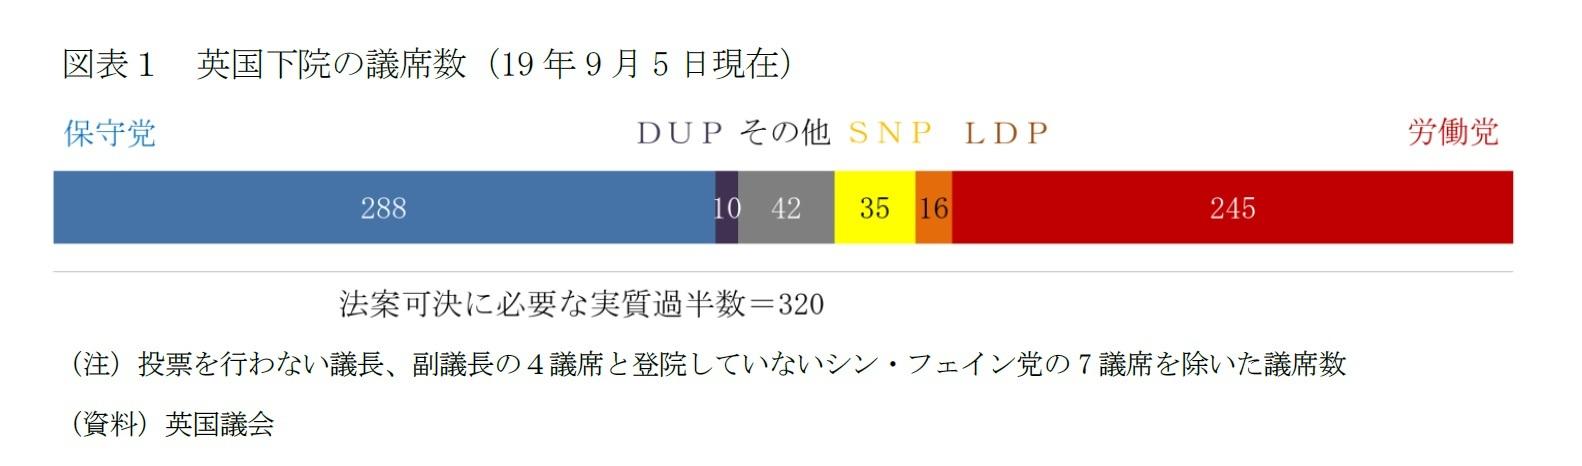 図表1 英国下院の議席数(19 年9 月5 日現在)